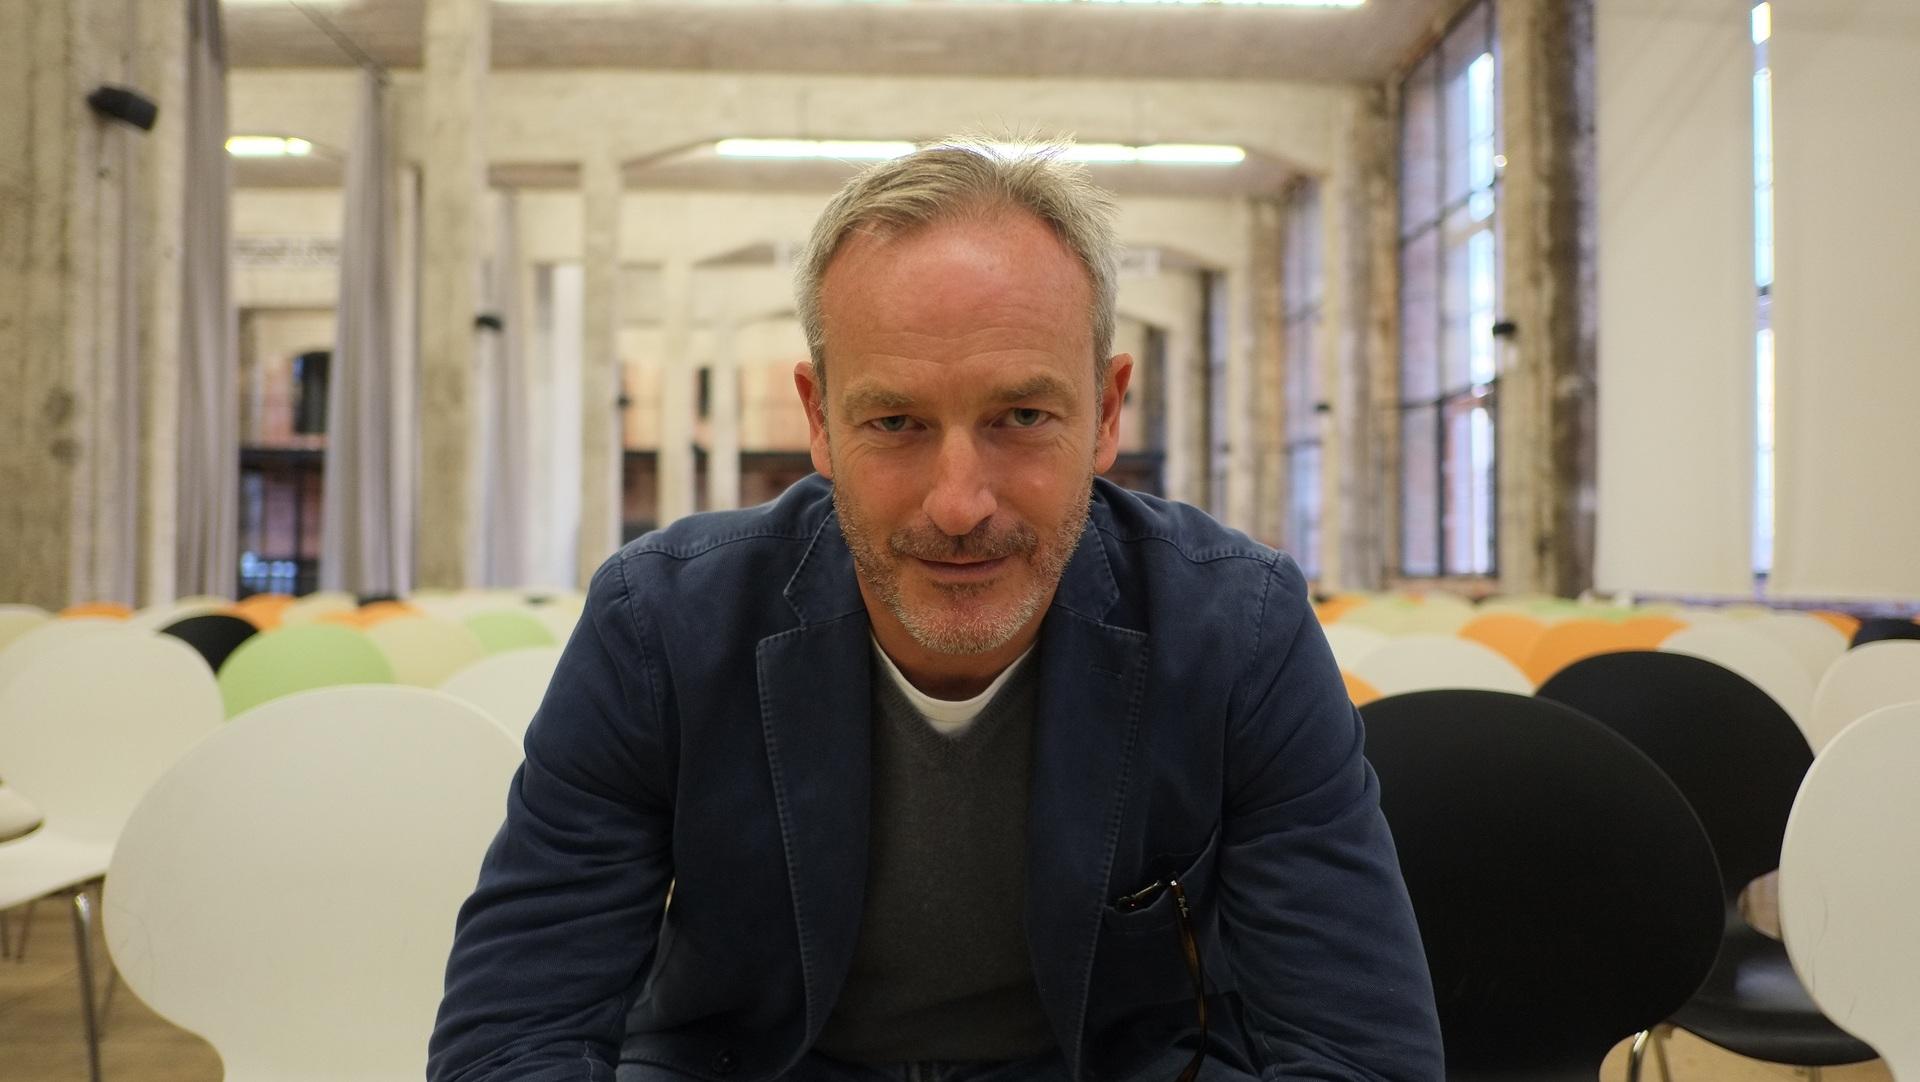 Большое интервью Саймона Данлопа — основателя Dream Industries: как вывести российские ИТ-продукты на мировой рынок